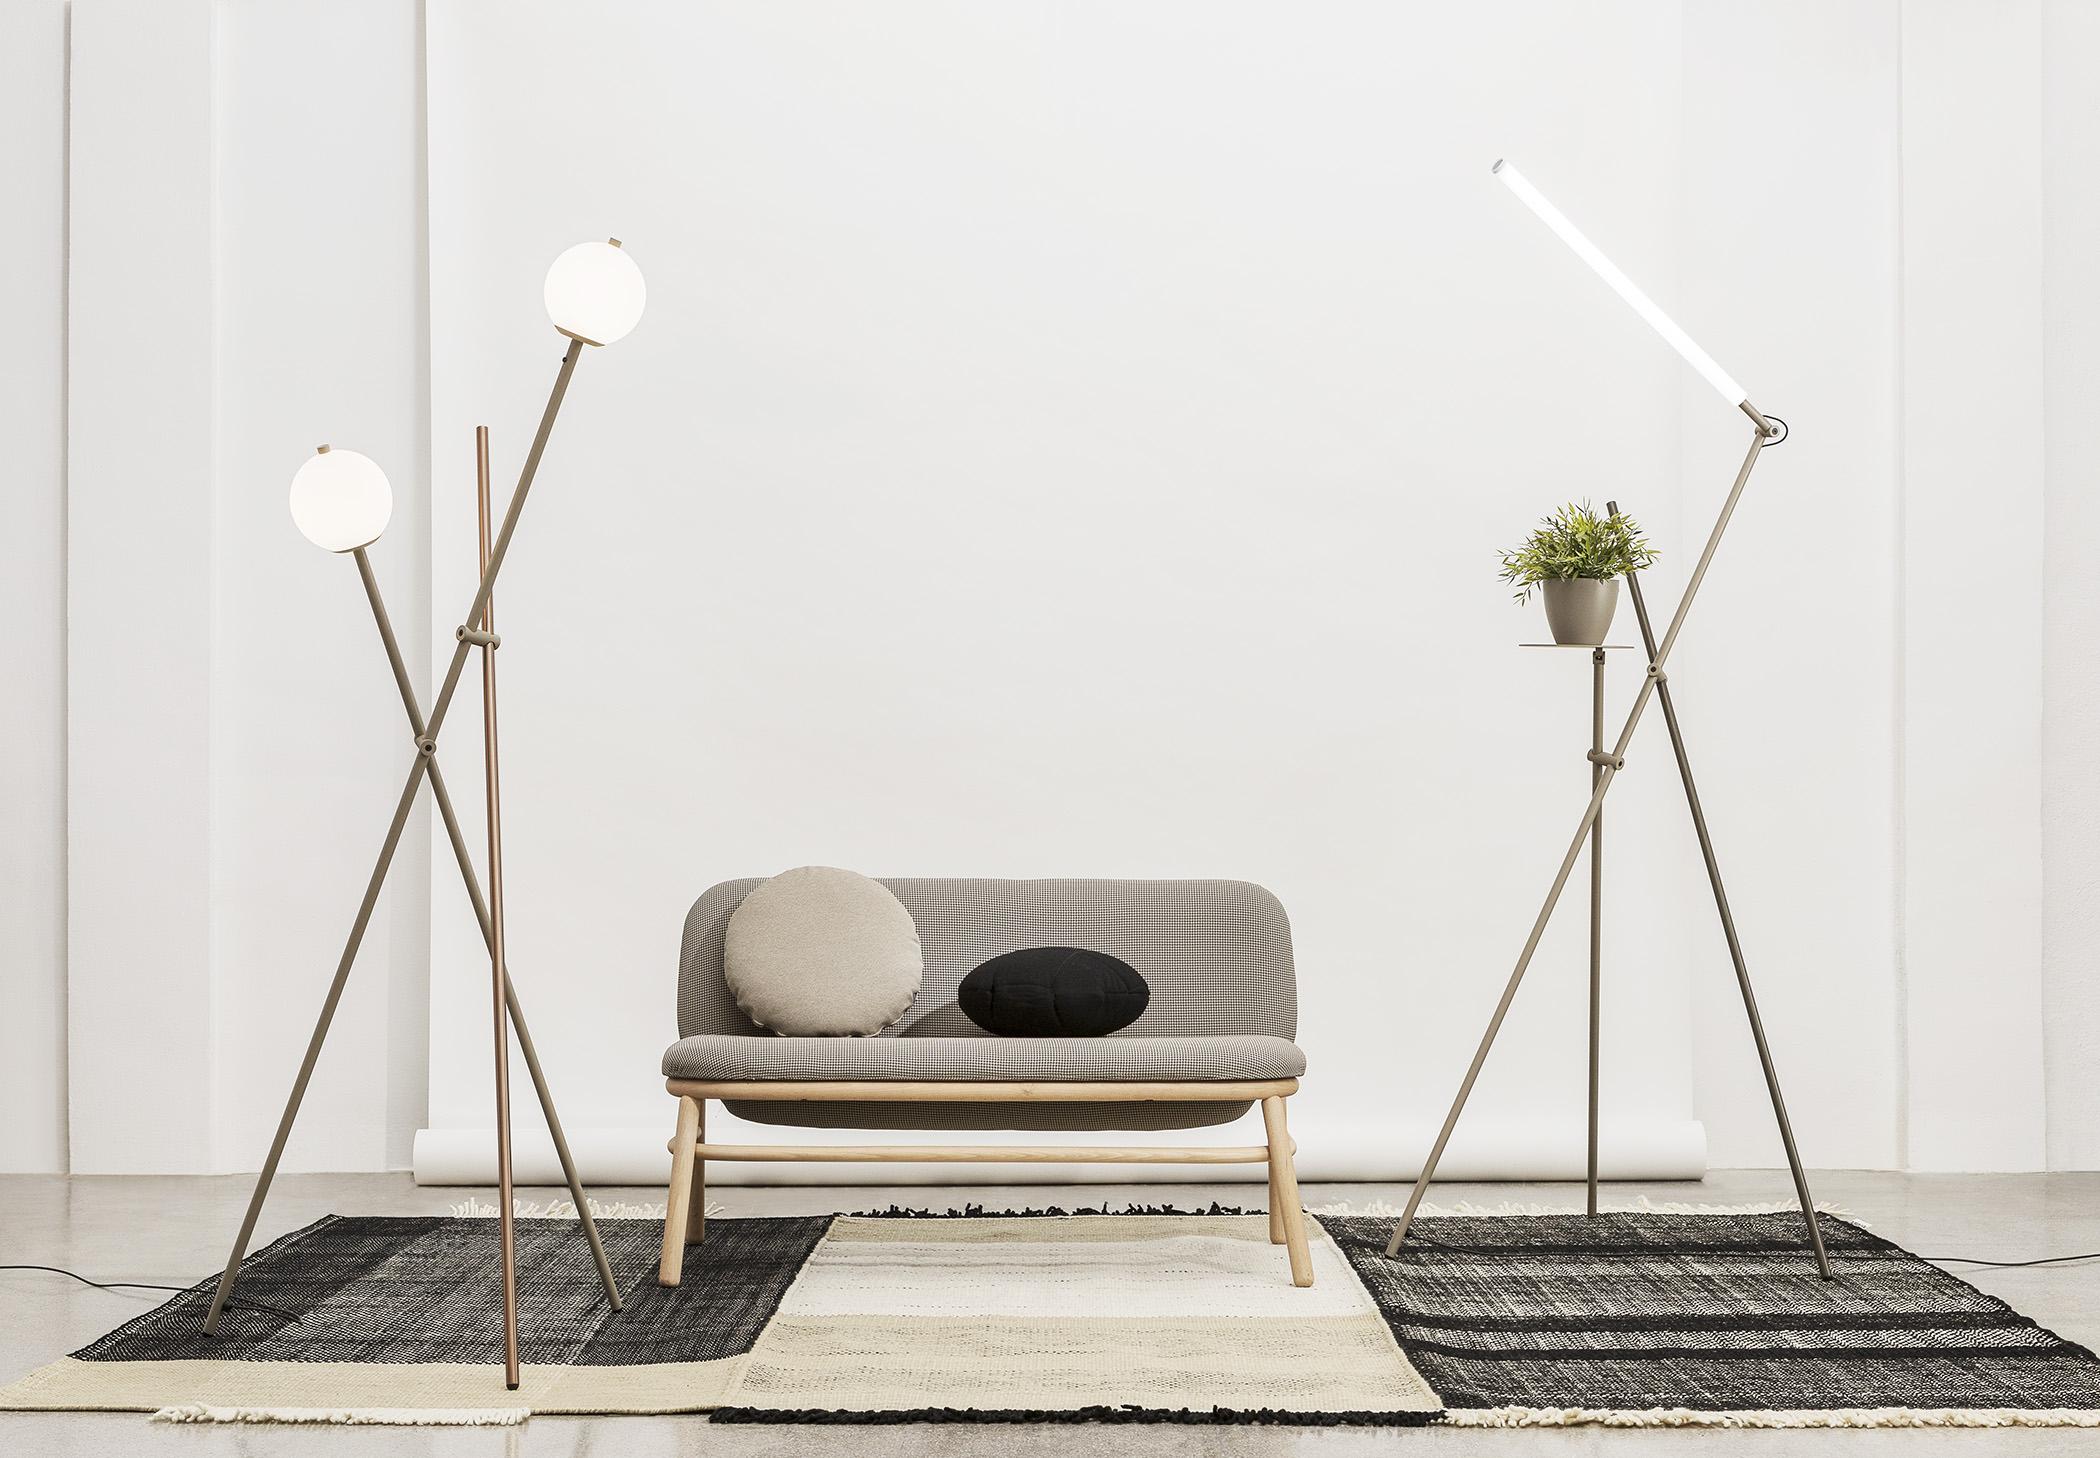 Asana P 3769 Floor Lamp Estiluz Image Ambient 03 2